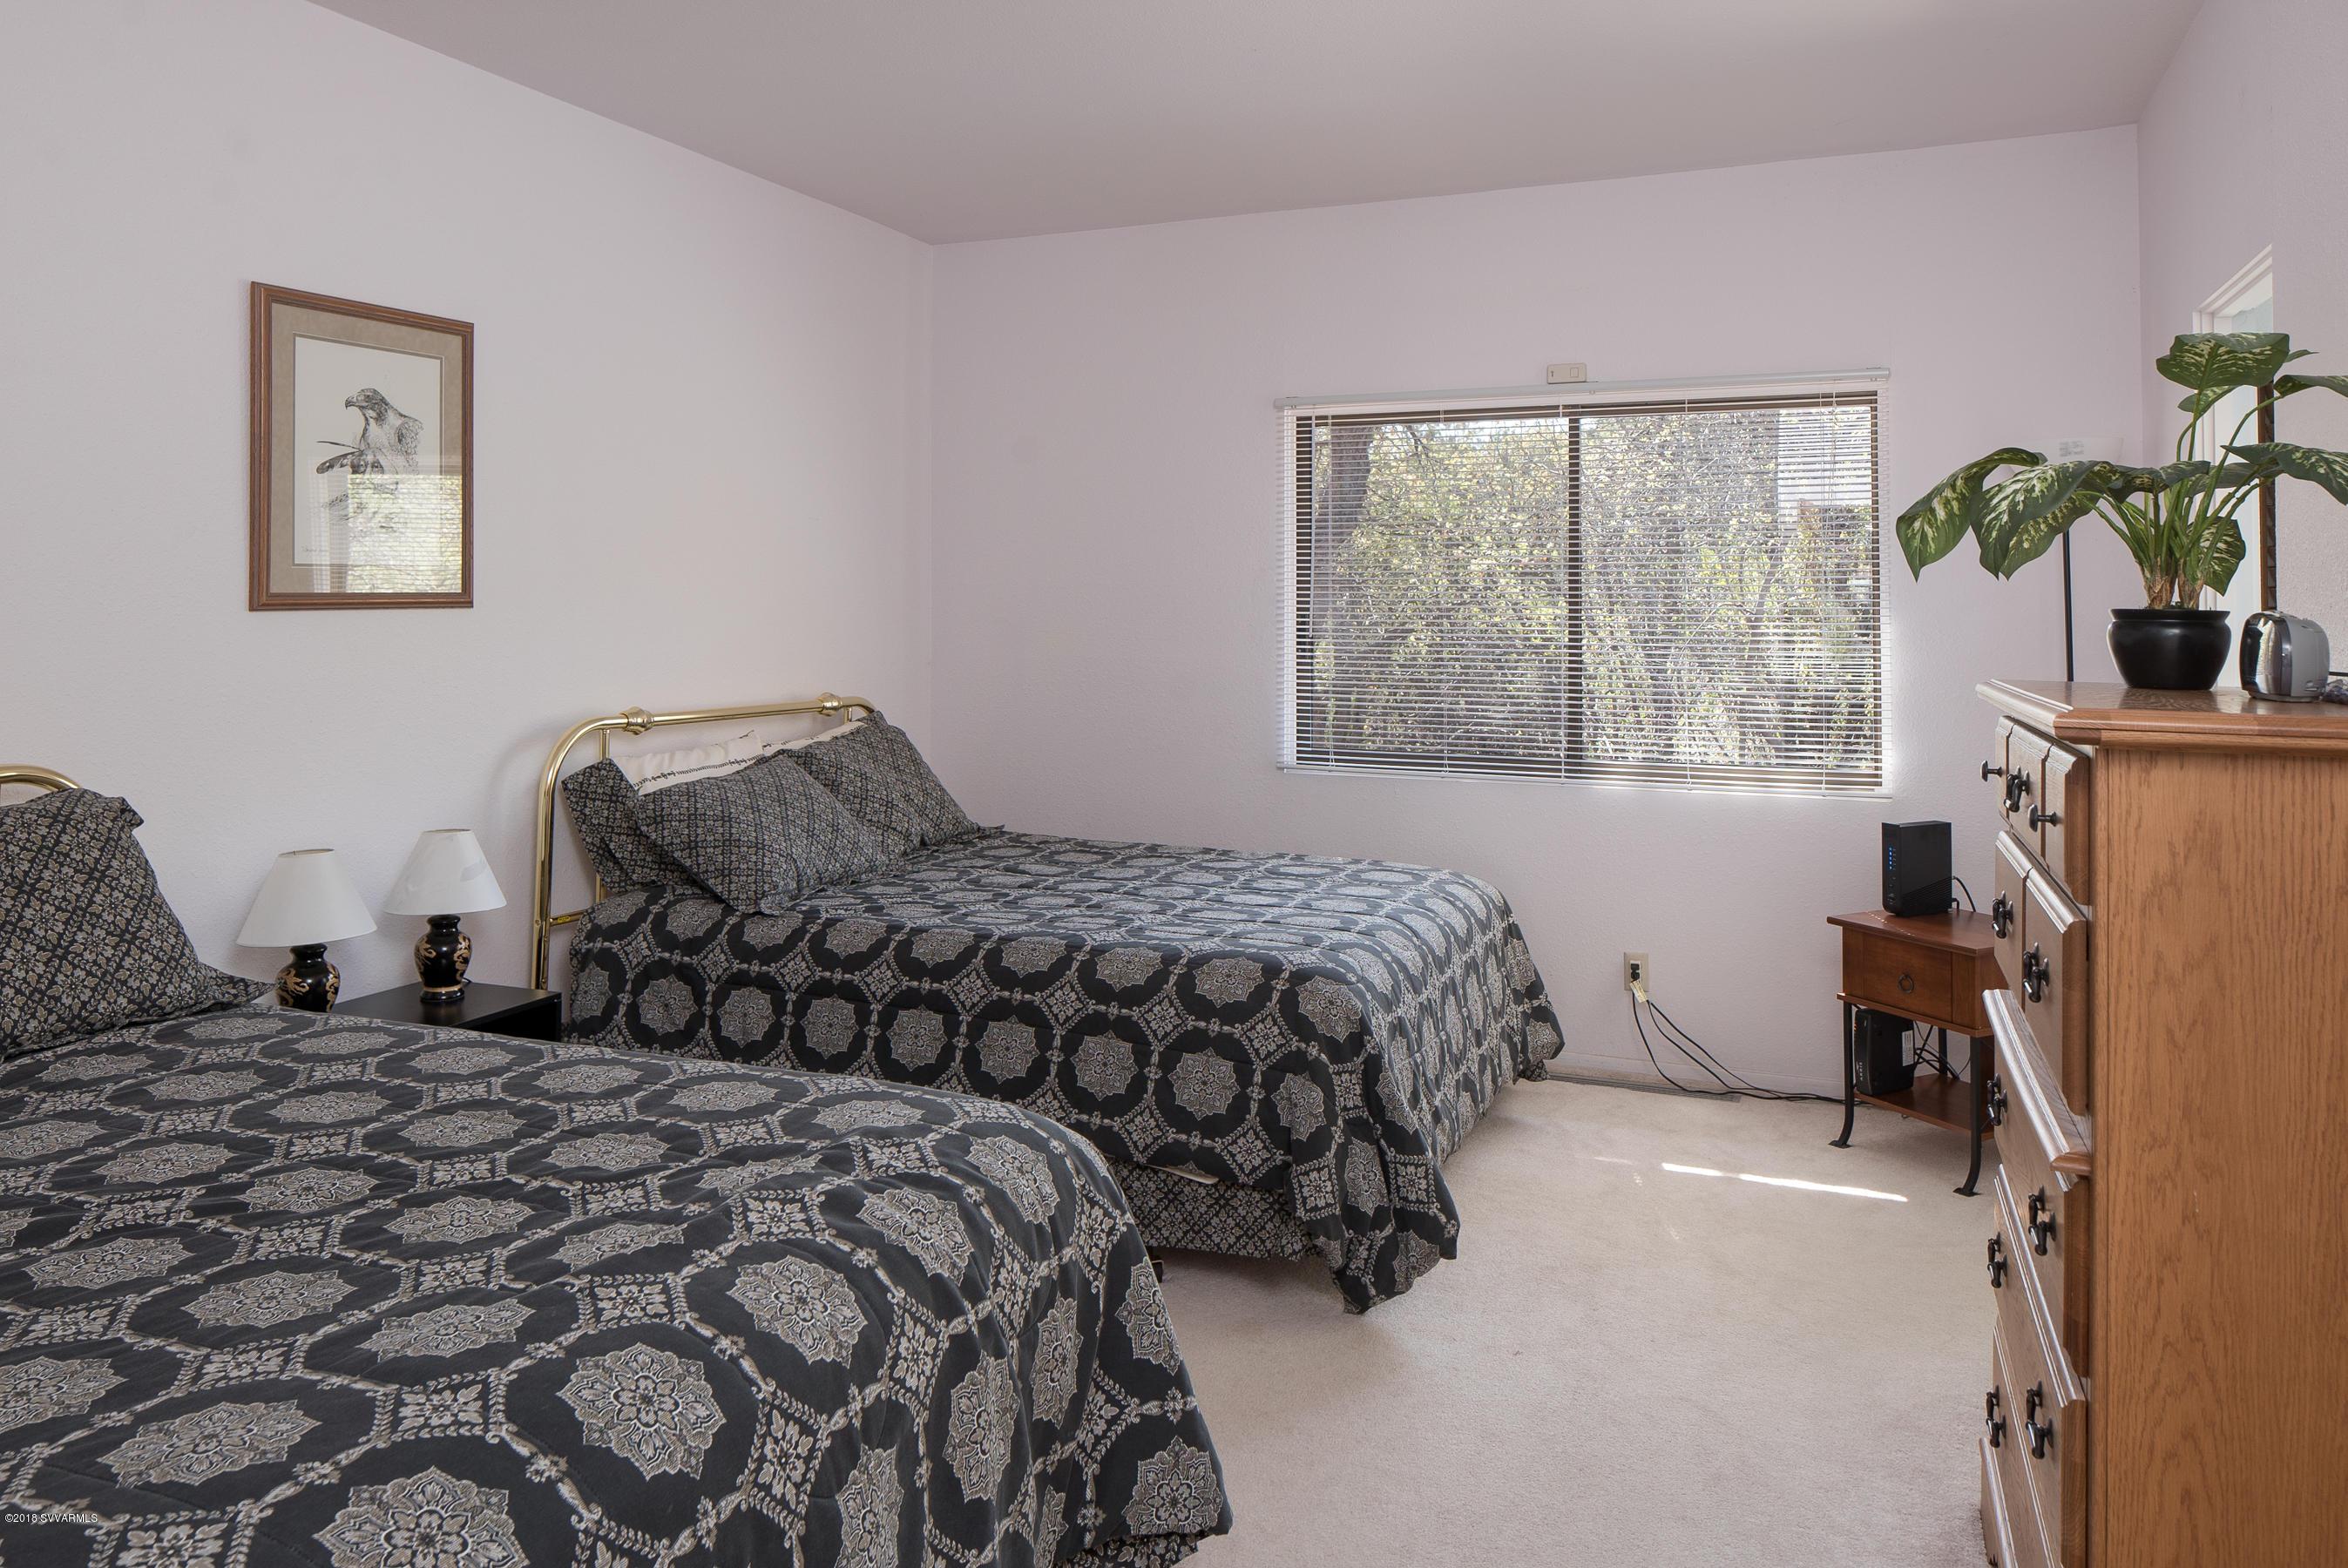 1557 Cline Rd Sedona, AZ 86336